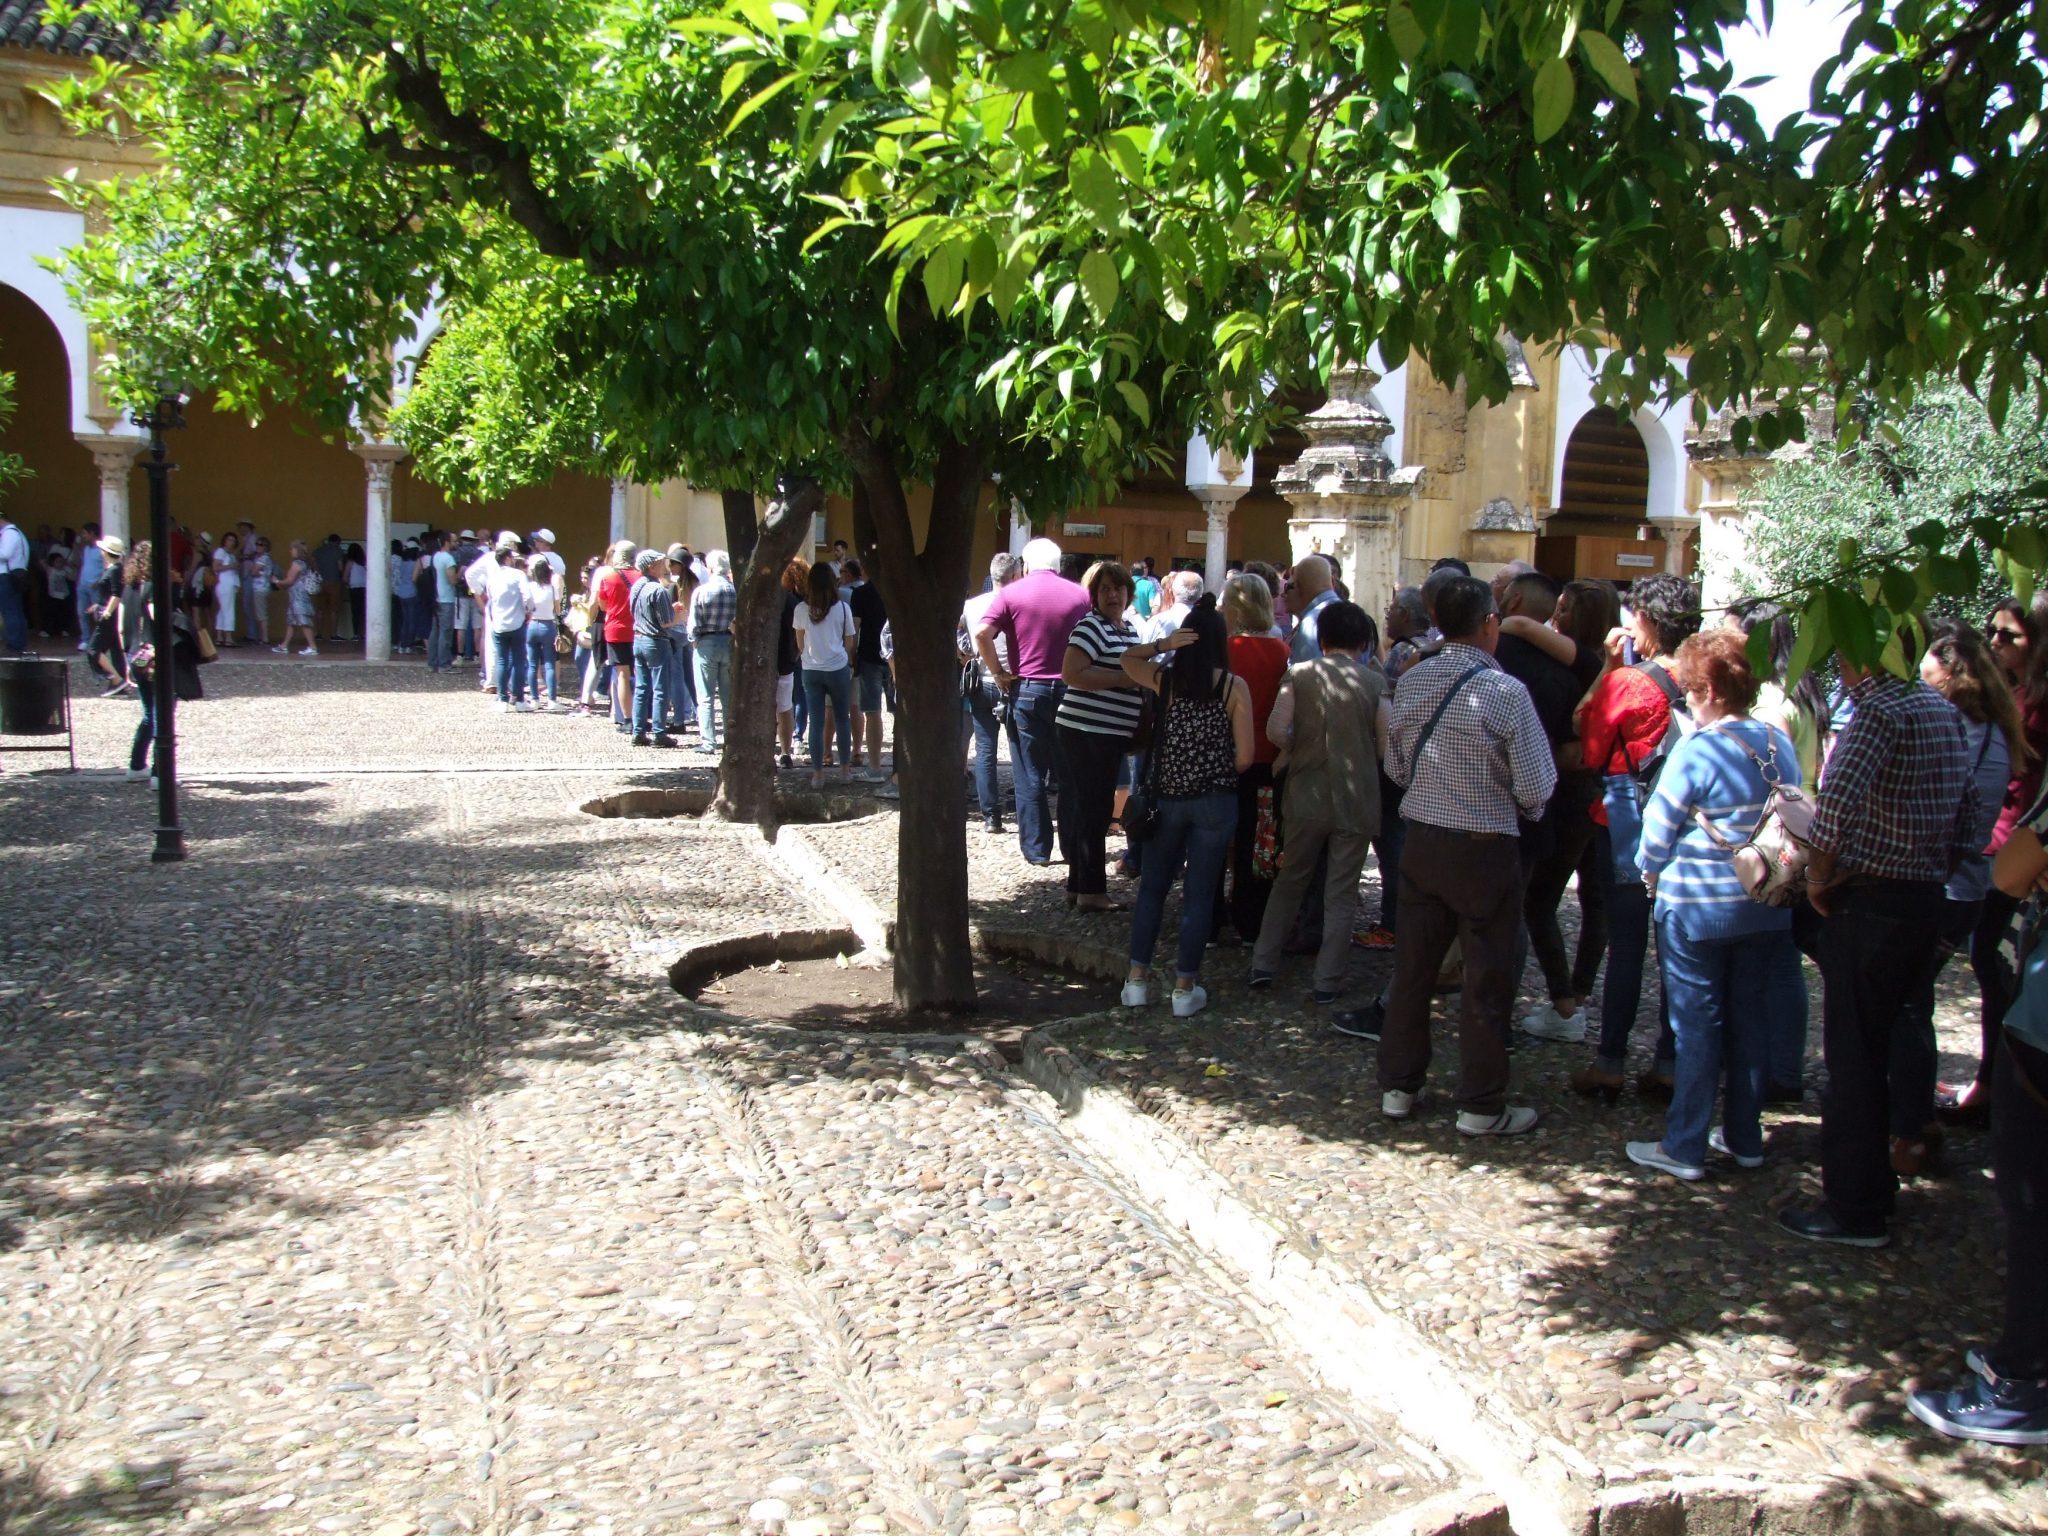 EQUO pregunta al Gobierno andaluz si piensa actuar ante la turistificación de los centros históricos